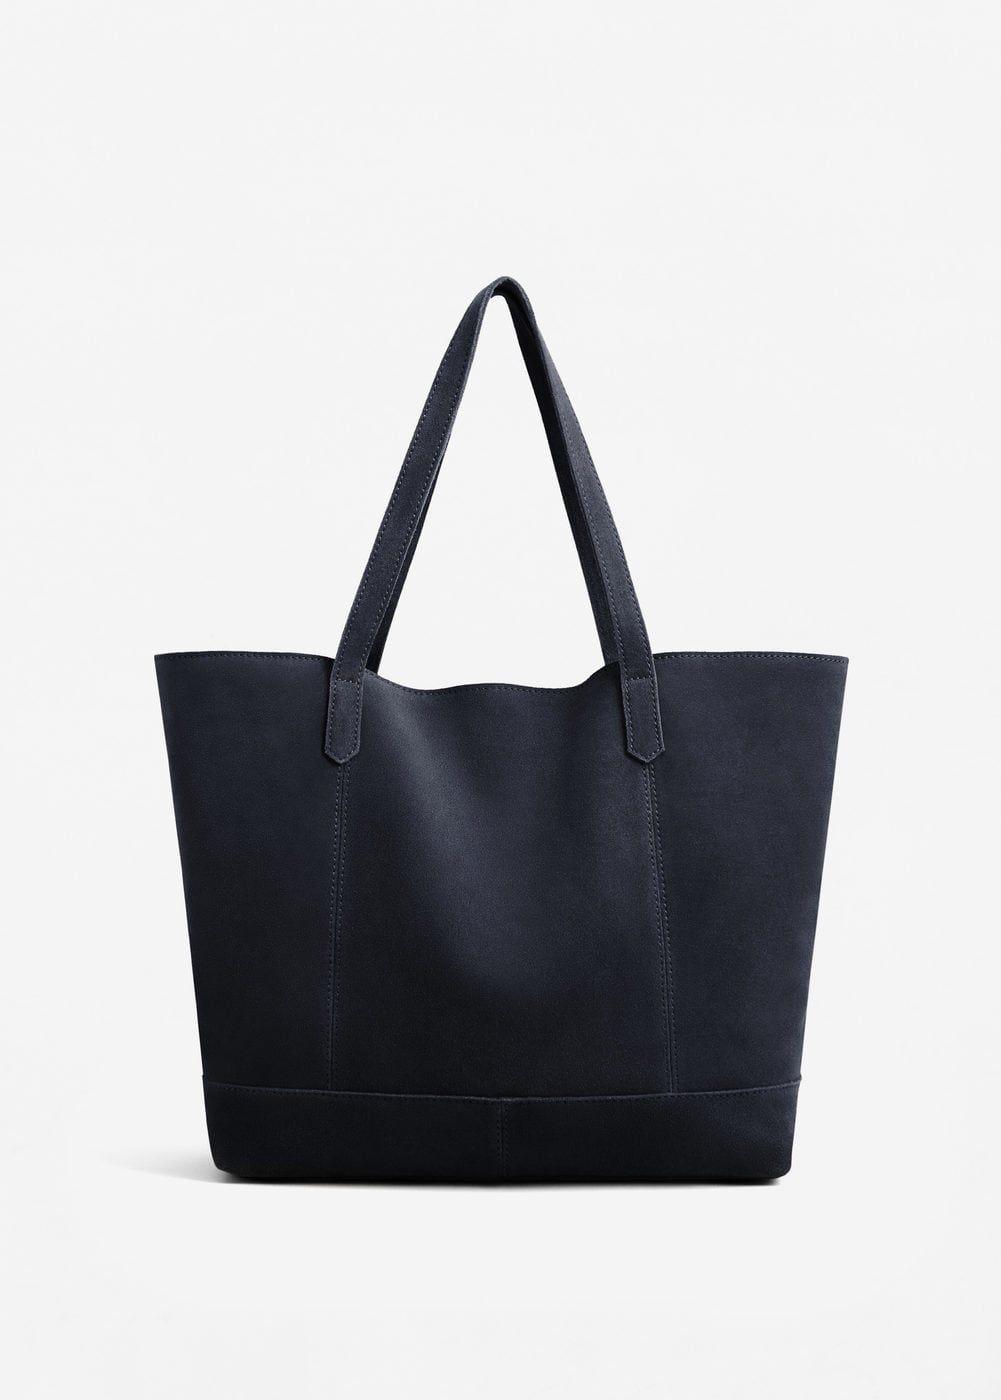 dccn damen handtaschen shopper pu leder messenger bags einkaufstasche mit ein klein beutel. Black Bedroom Furniture Sets. Home Design Ideas